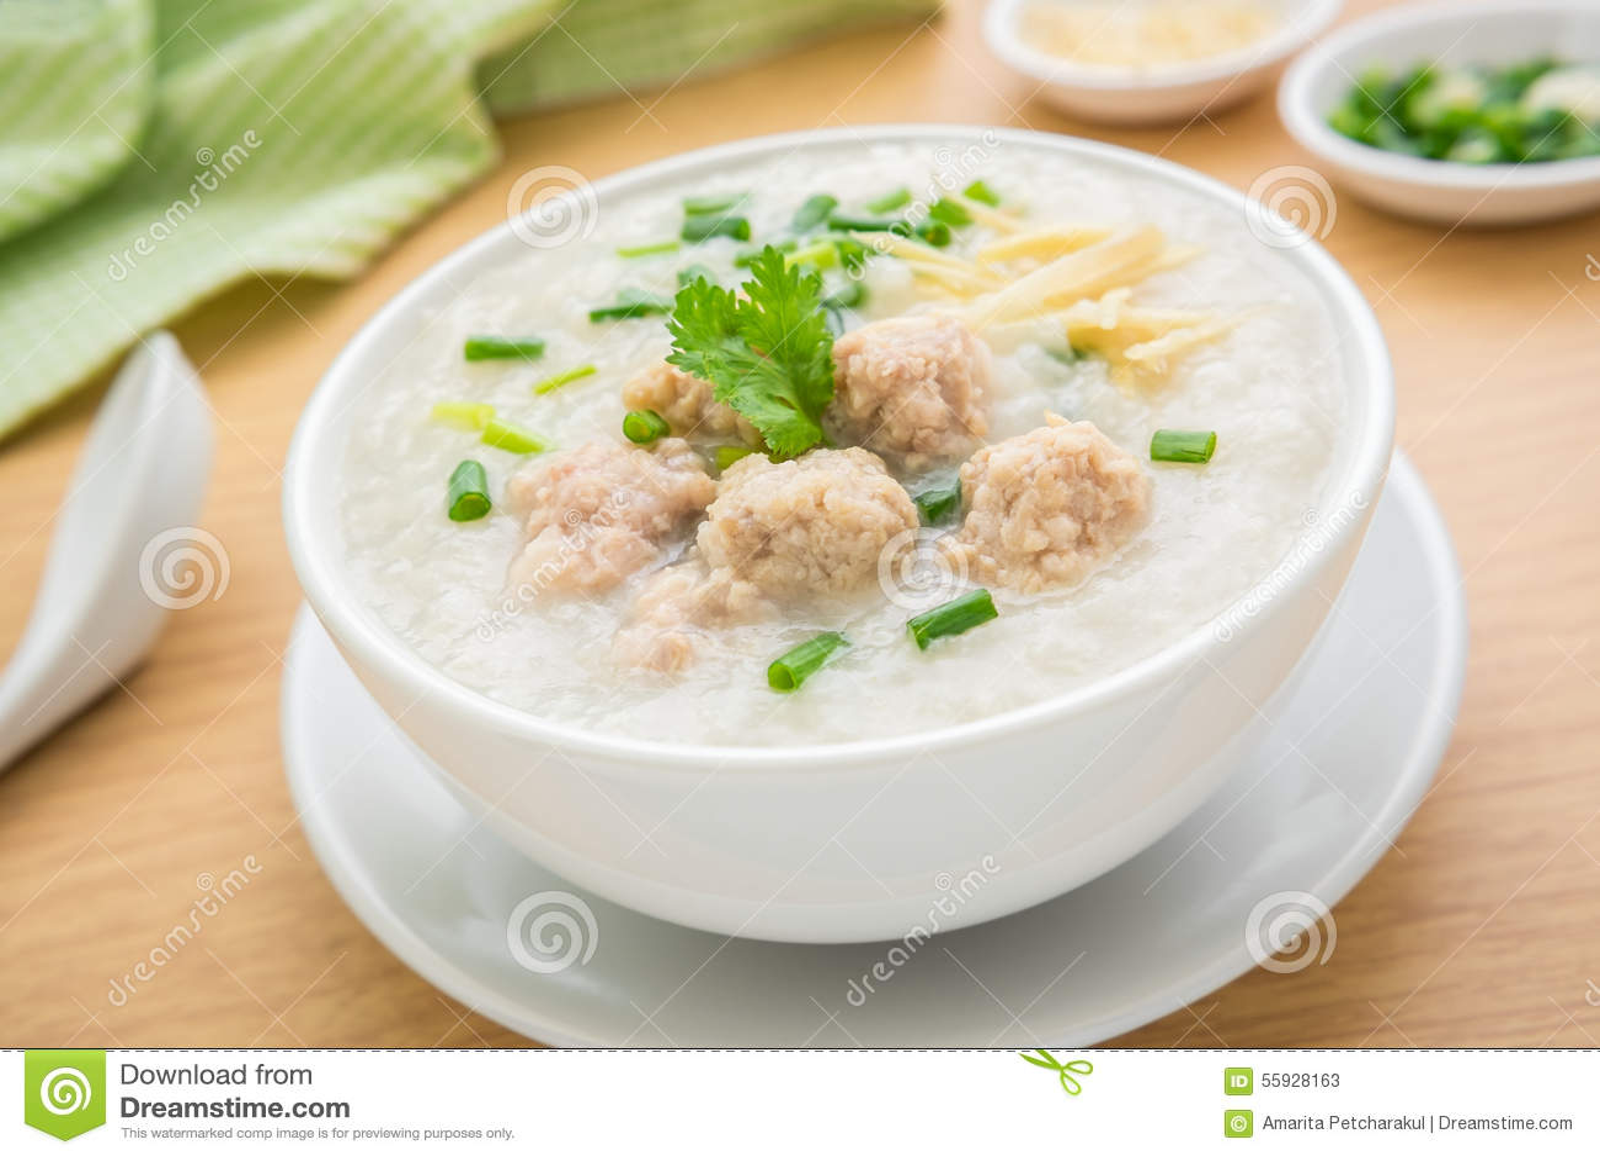 Congee με το κομματιασμένο χοιρινό κρέας στο κύπελλο